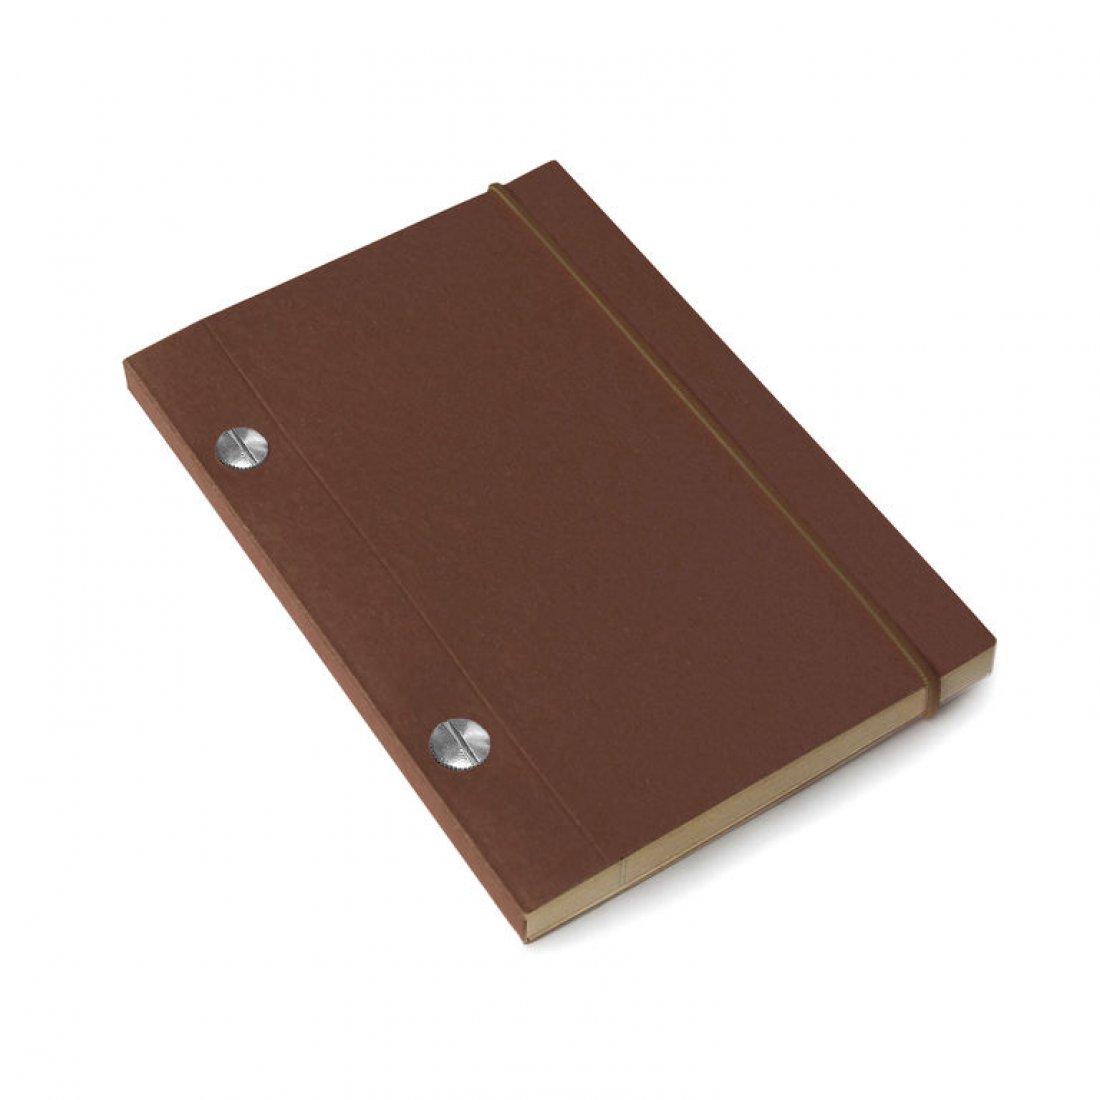 Carnet en kraft A6 - Chocolat